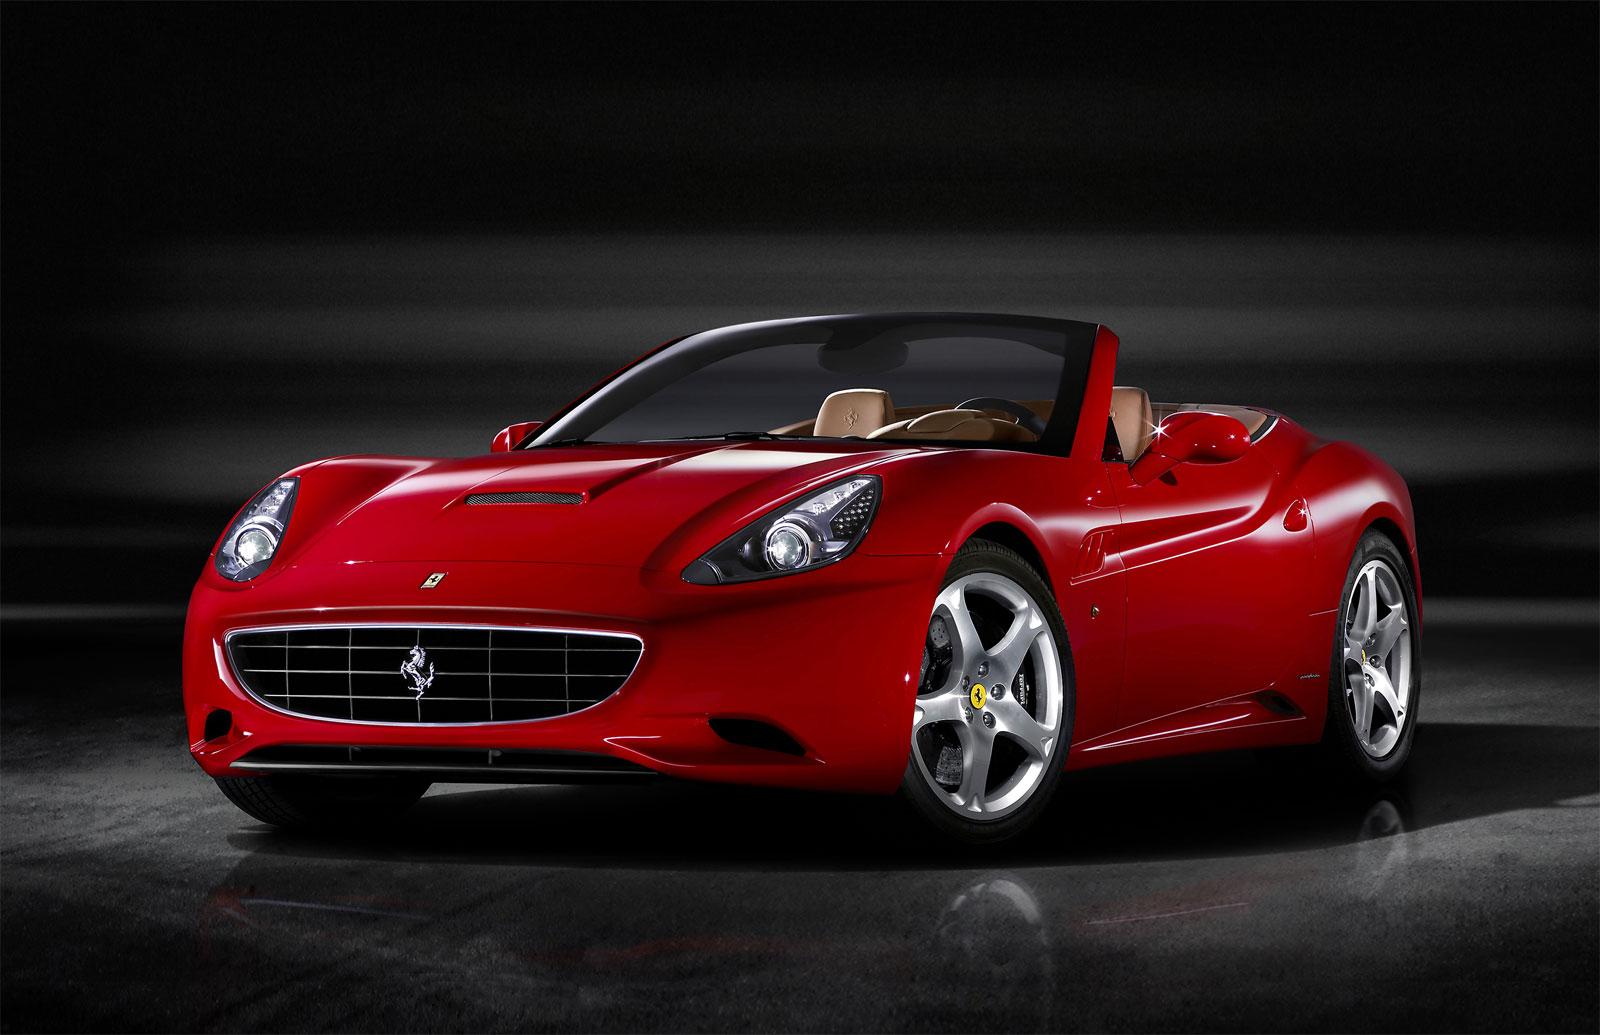 2011 Ferrari California 20 Ferrari California 20